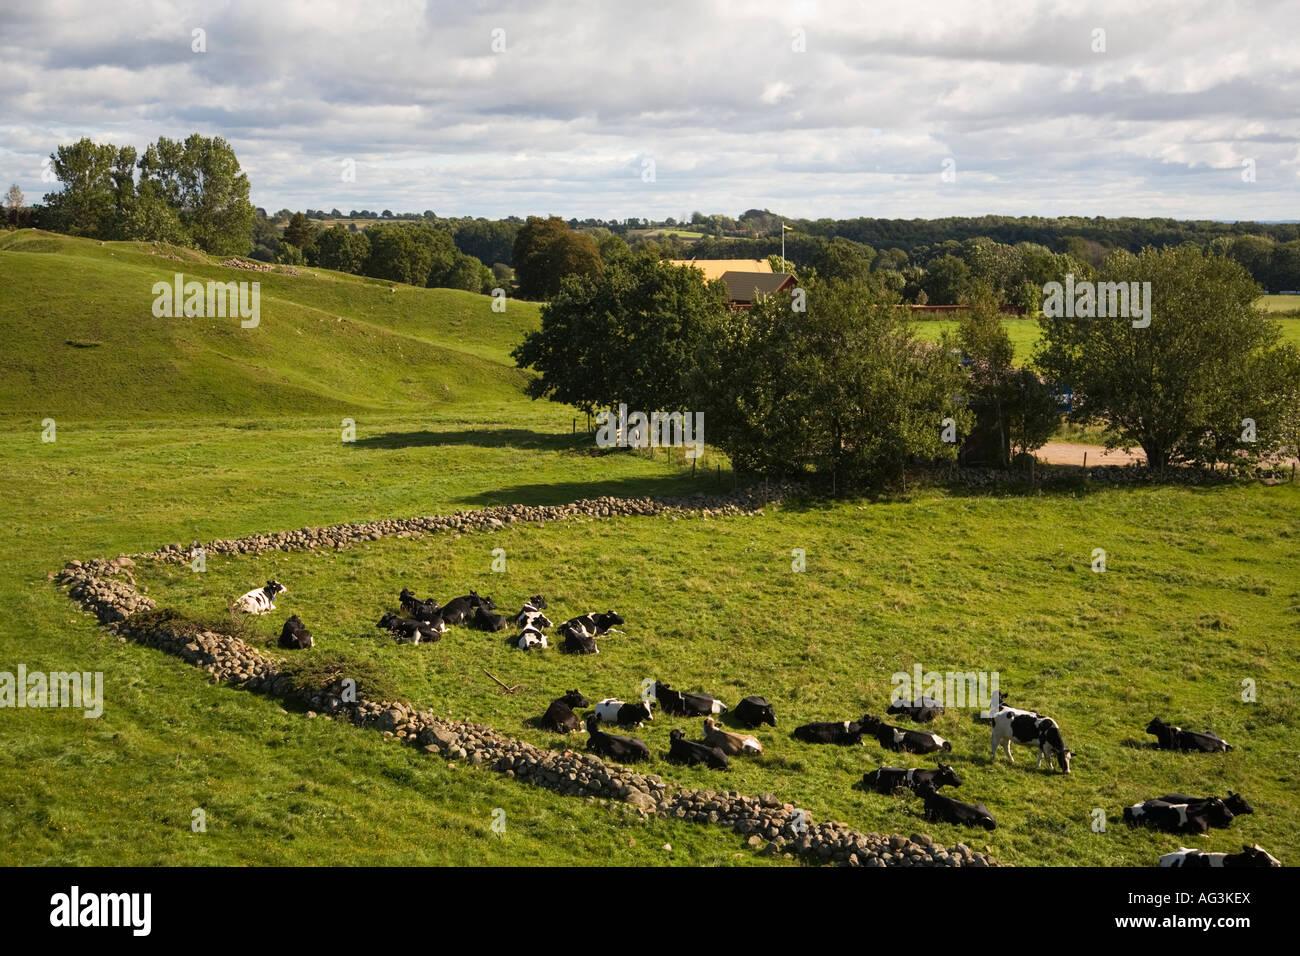 Sweden Skåne Scania Grevie Backar nature reserve cattle heifers September 2007 - Stock Image